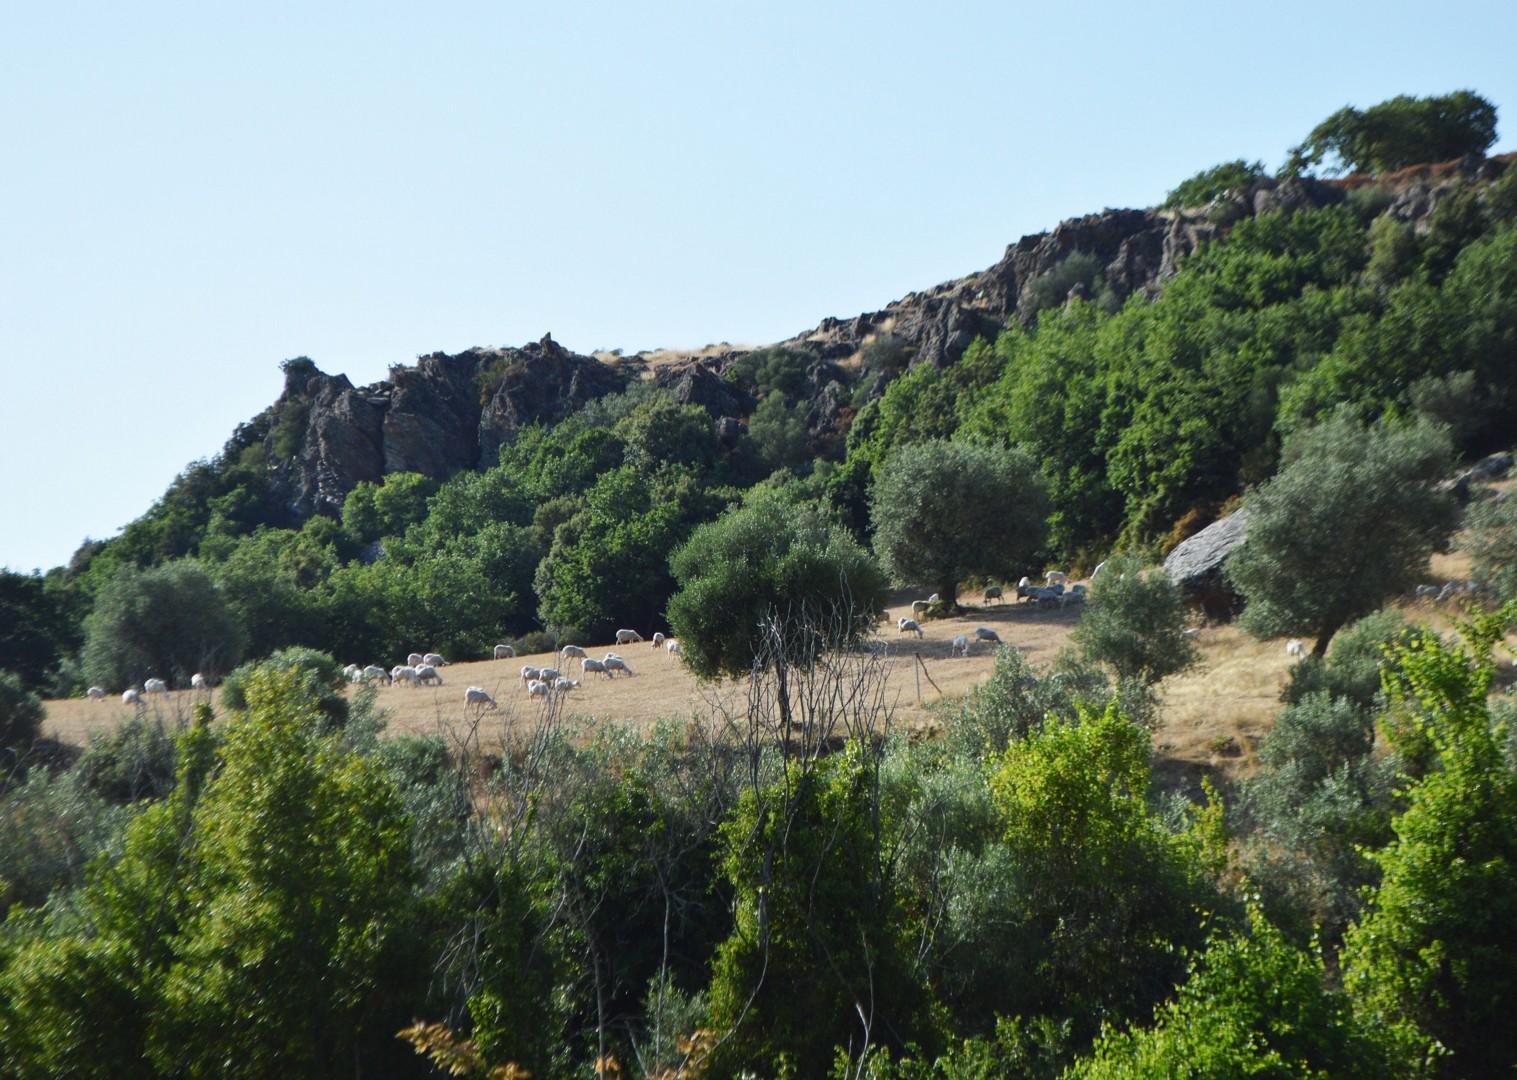 mari-emi-sardinia-leisure-cycling-holiday.jpg - Italy - Sardinia - West Coast Wonders - Self-Guided Leisure Cycling Holiday - Italia Leisure and Family Cycling